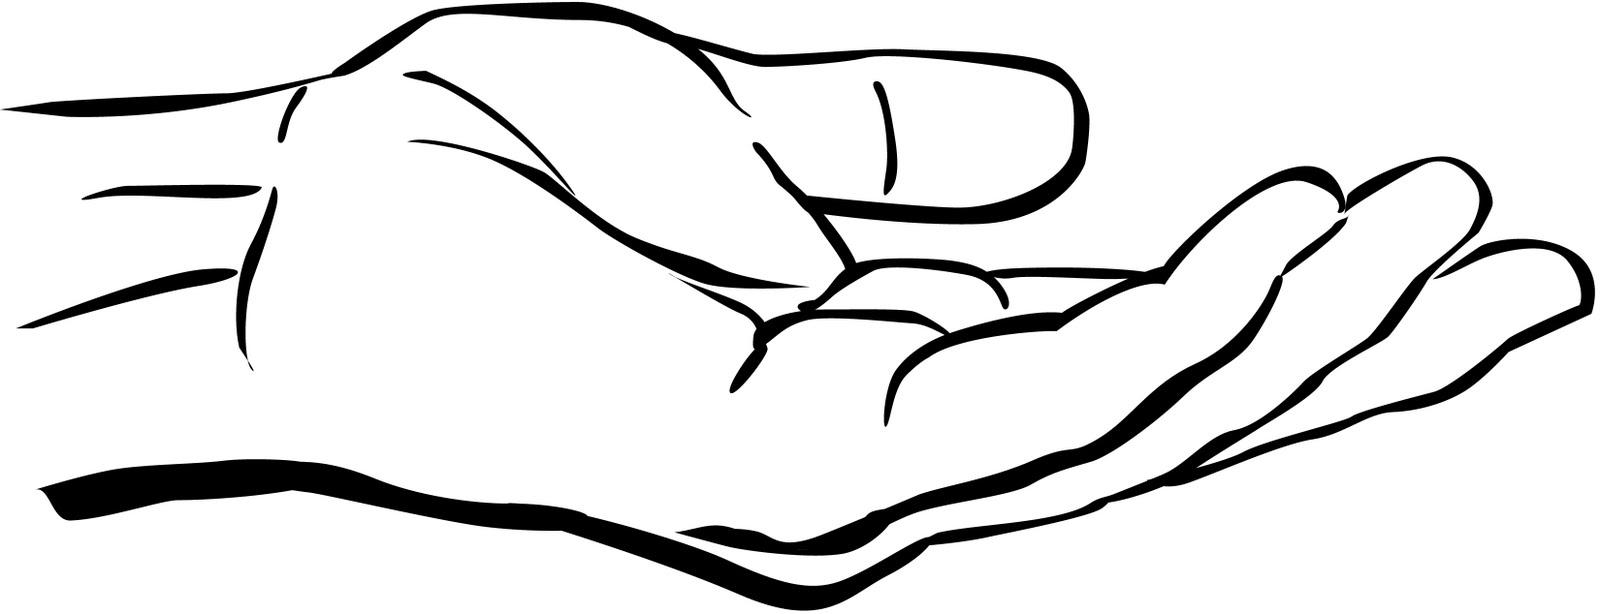 1600x614 Hand Clipart Black N White